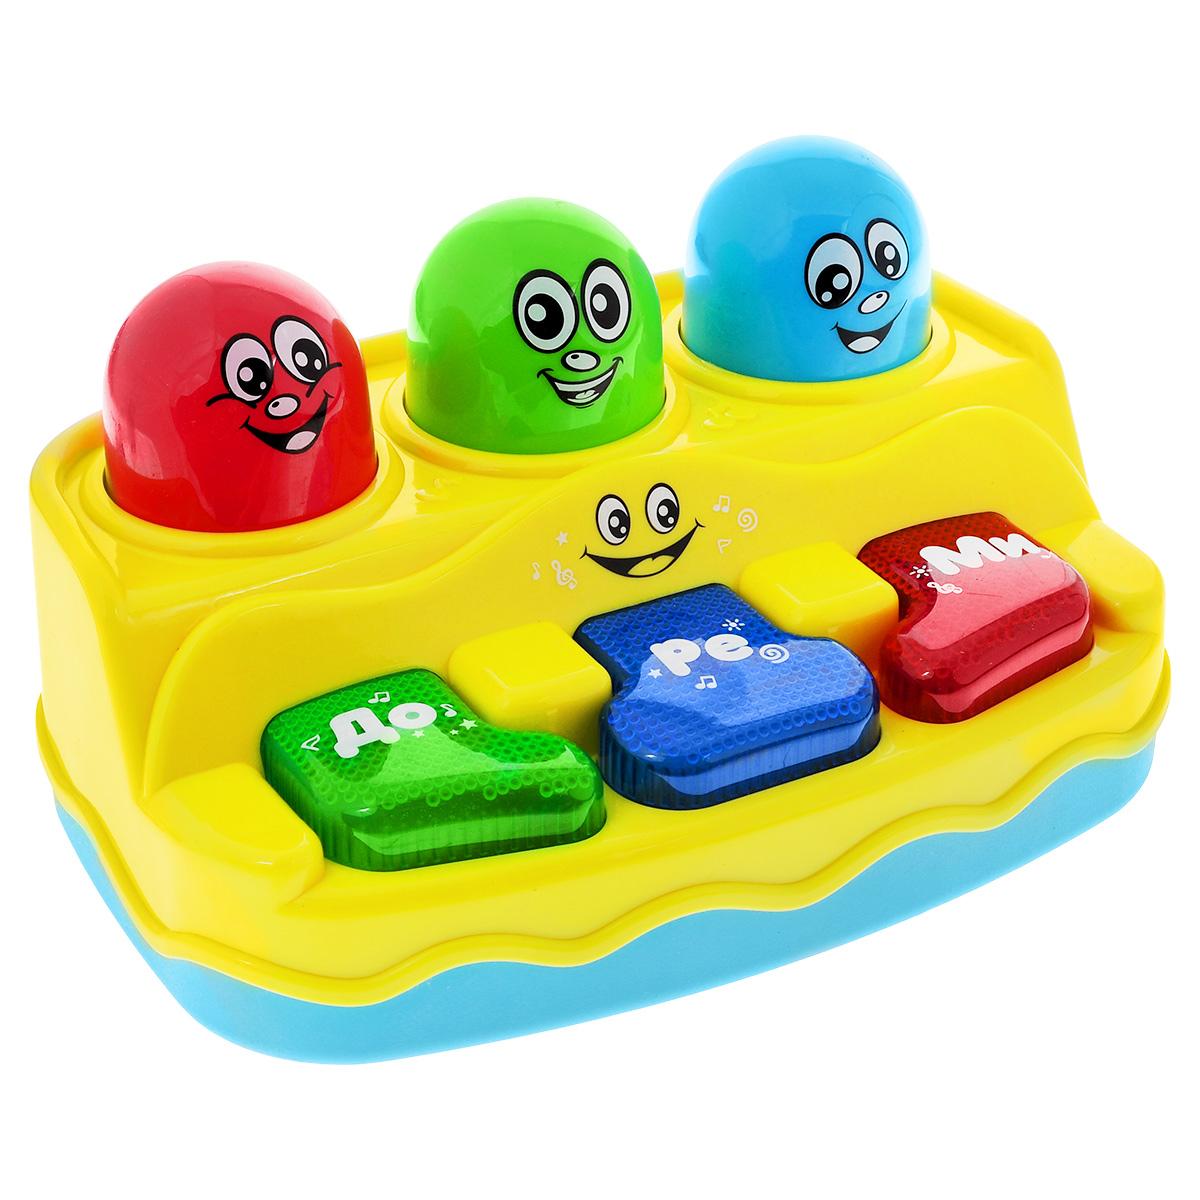 Развивающая игрушка Малышарики ПианиноMSH0303-031Развивающая игрушка Малышарики Пианино, изготовленная из безопасных материалов в ярком дизайне, представляет собой пианино с разноцветными клавишами и забавными мордашками. При нажатии на клавиши раздается множество веселых мелодий и звуков, которые познакомят малыша с миром музыки. Игра станет еще интересней благодаря световым эффектам. Игрушка Пианино развивает мелкую моторику и слуховое восприятие, а также логическое мышление и концентрацию внимания. Рекомендуемый возраст: 1-3 года. Для работы игрушки необходимы 3 батарейки напряжением 1,5V типа АА (не входят в комплект).